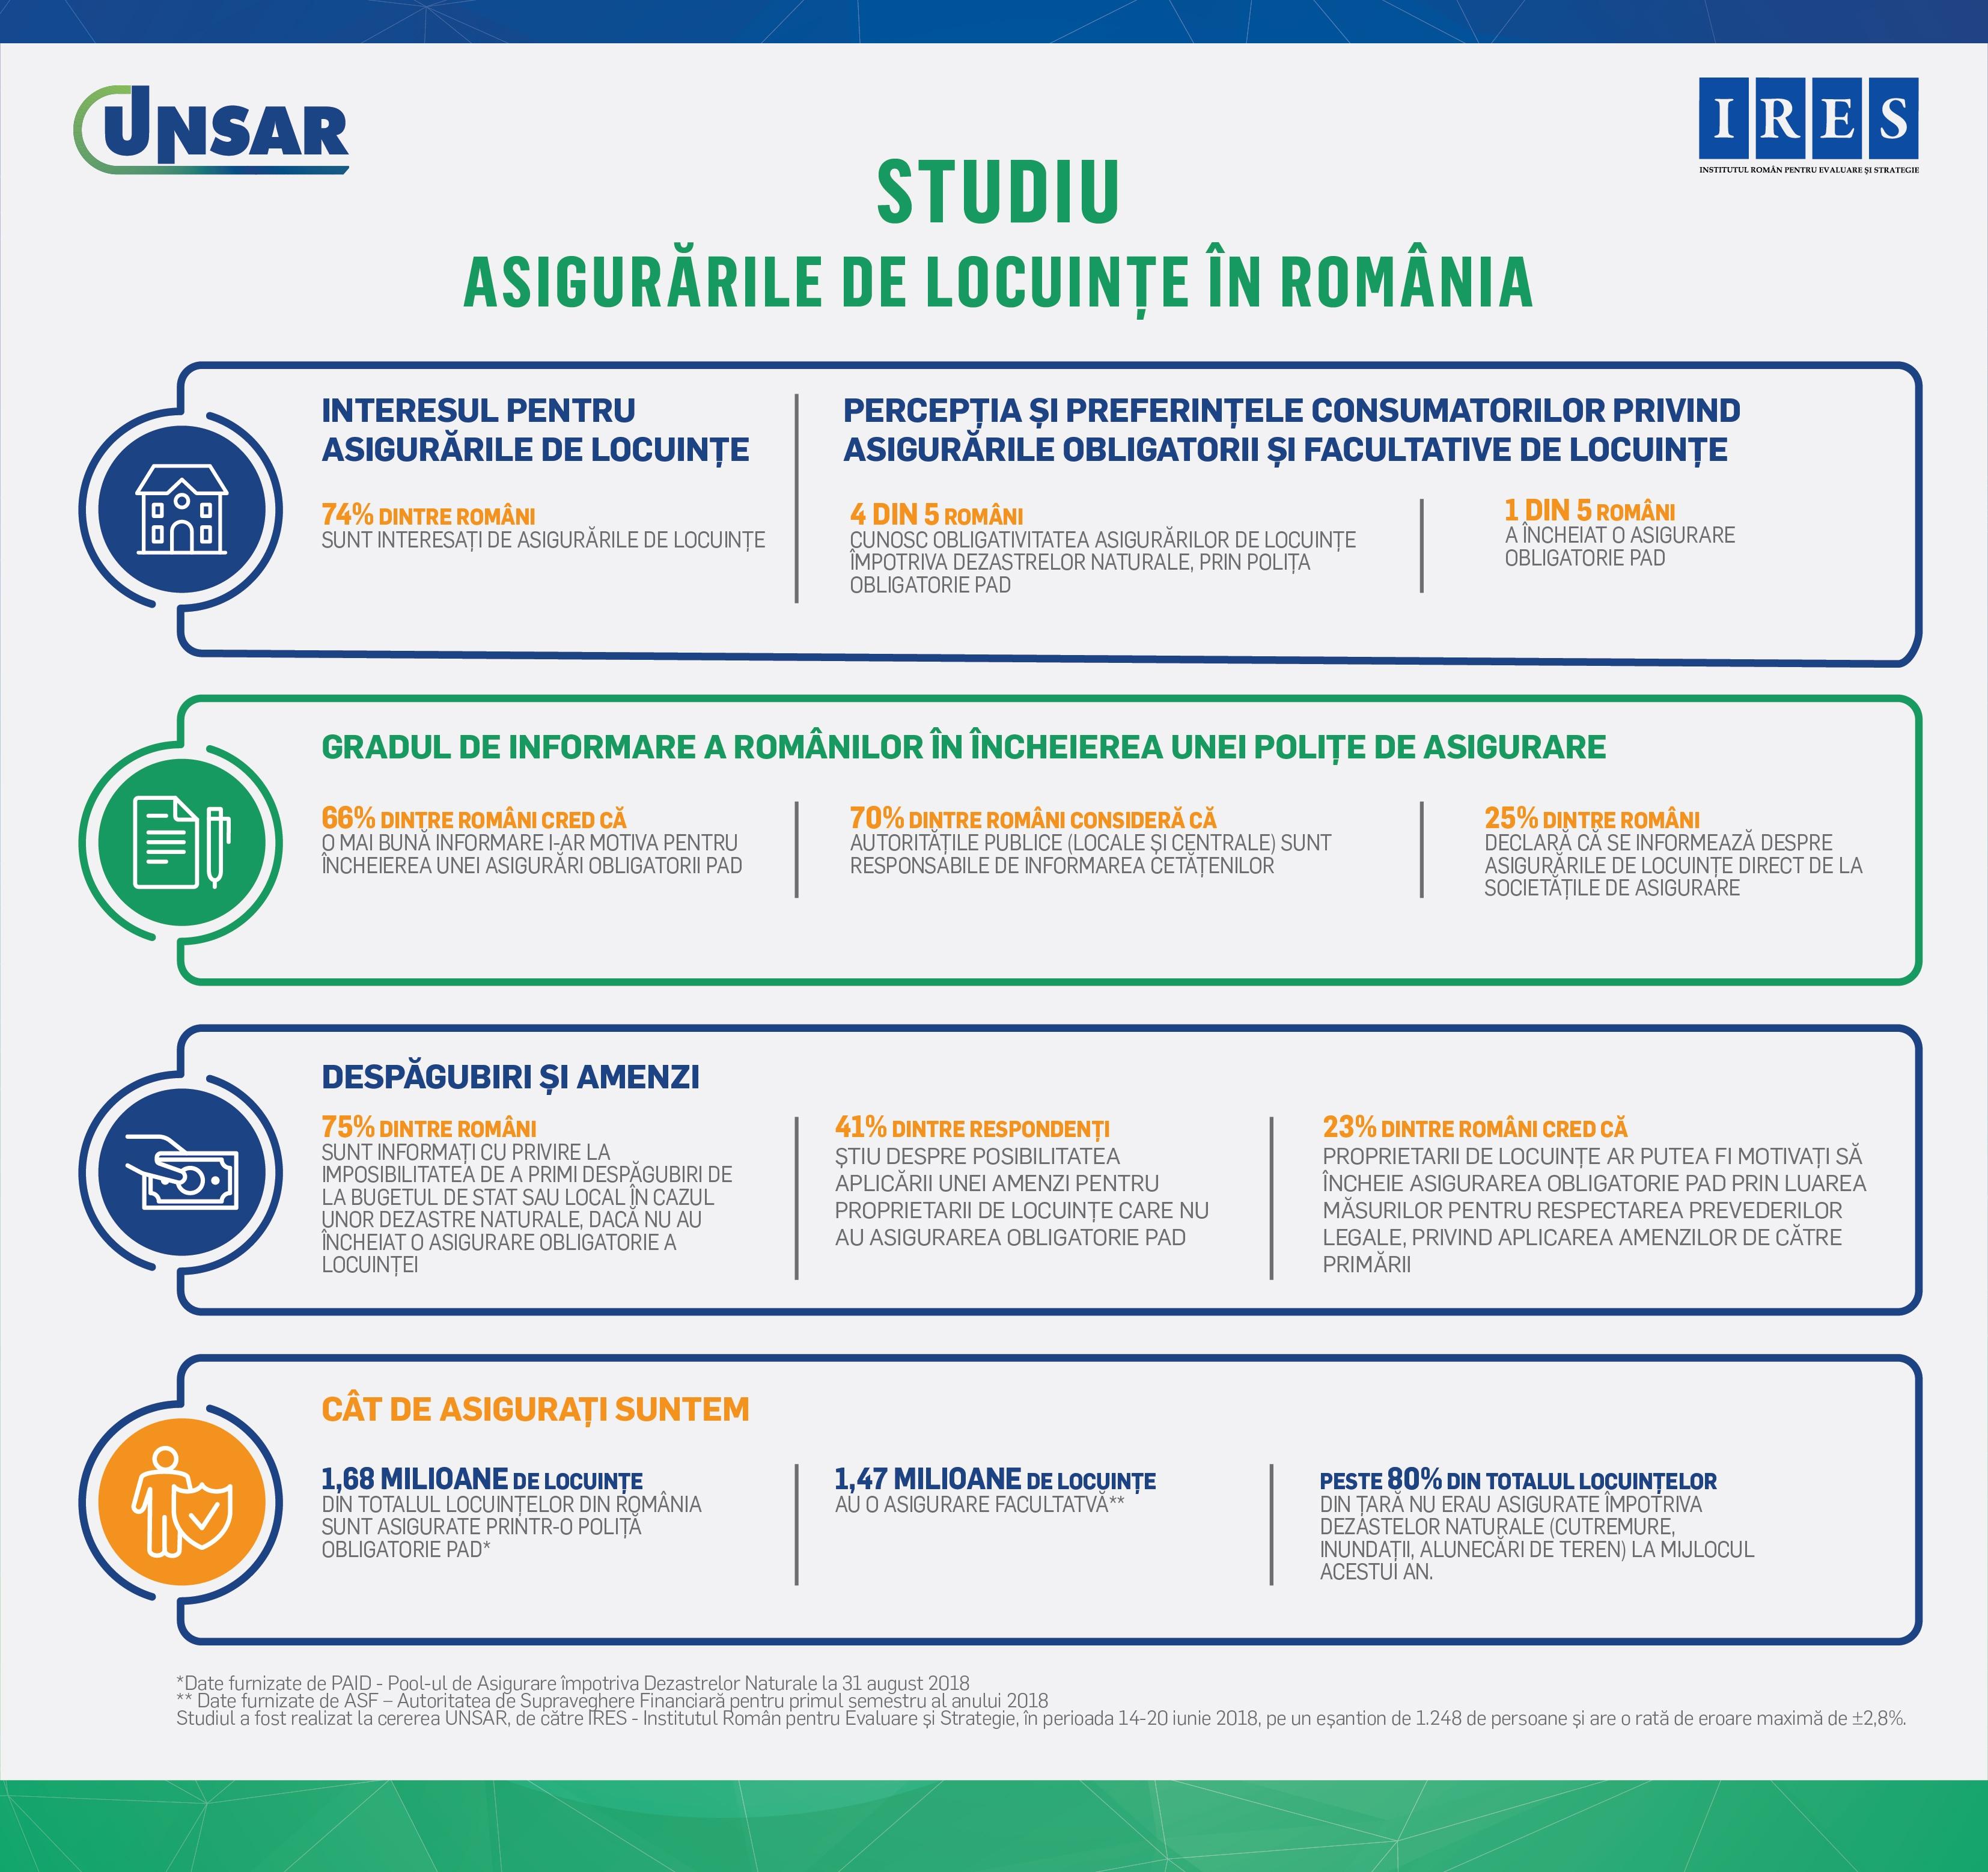 80% dintre români știu că asigurările de locuințe împotriva dezastrelor naturale sunt obligatorii, dar numai 20% au o astfel de poliţă